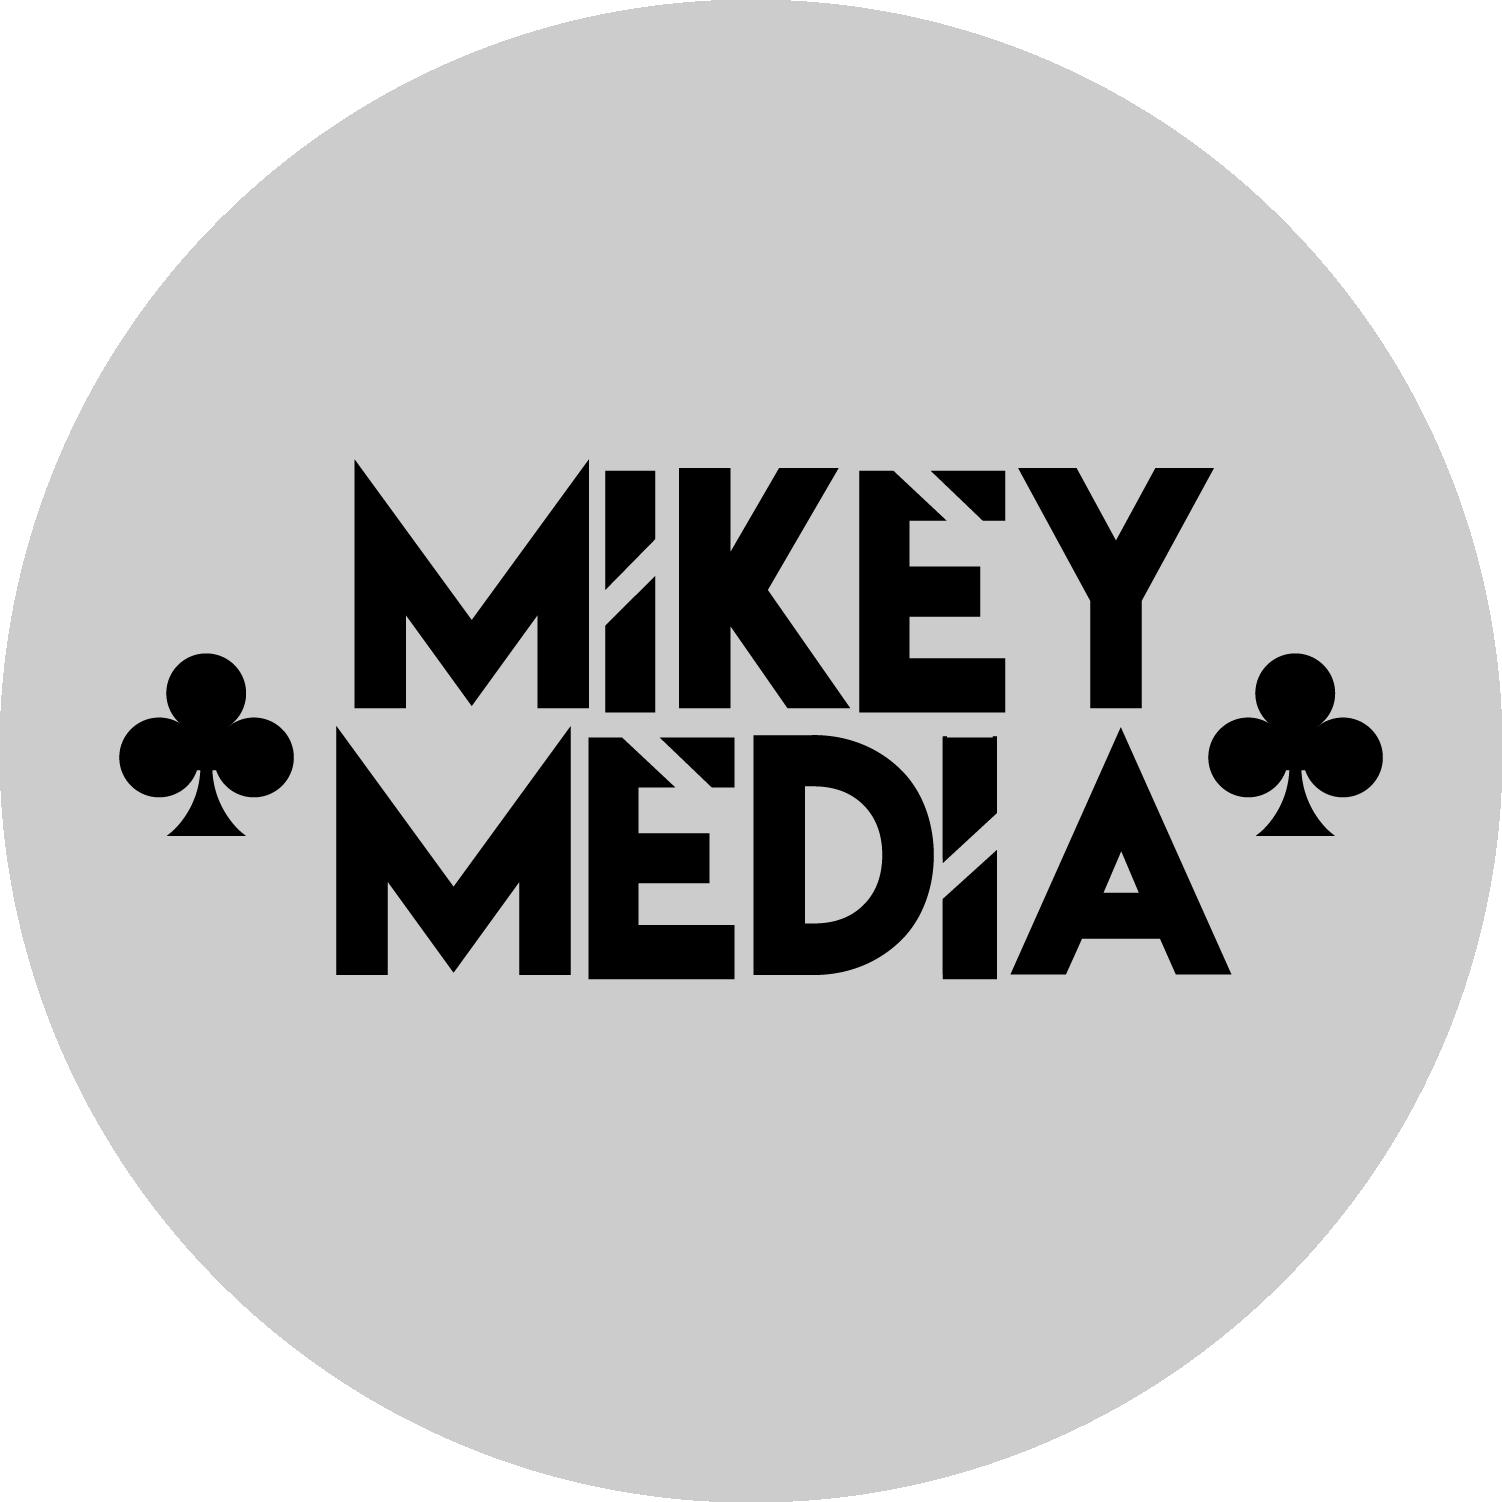 Jide Mikey